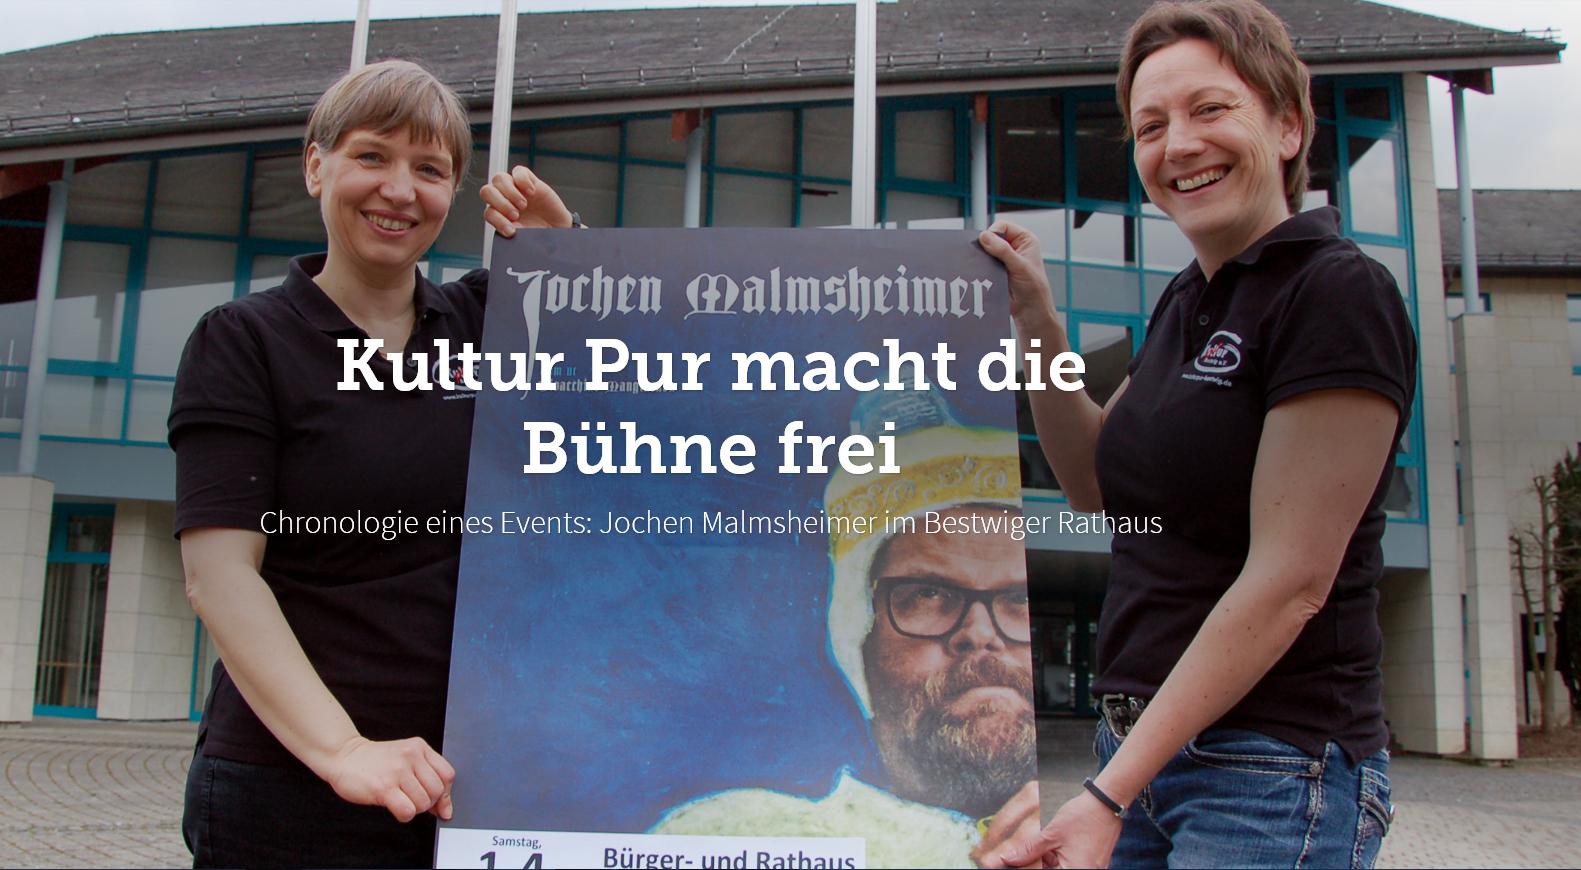 Kultur Pur macht die Bühne frei. Foto: Kultur Pur/Ulrich Bock